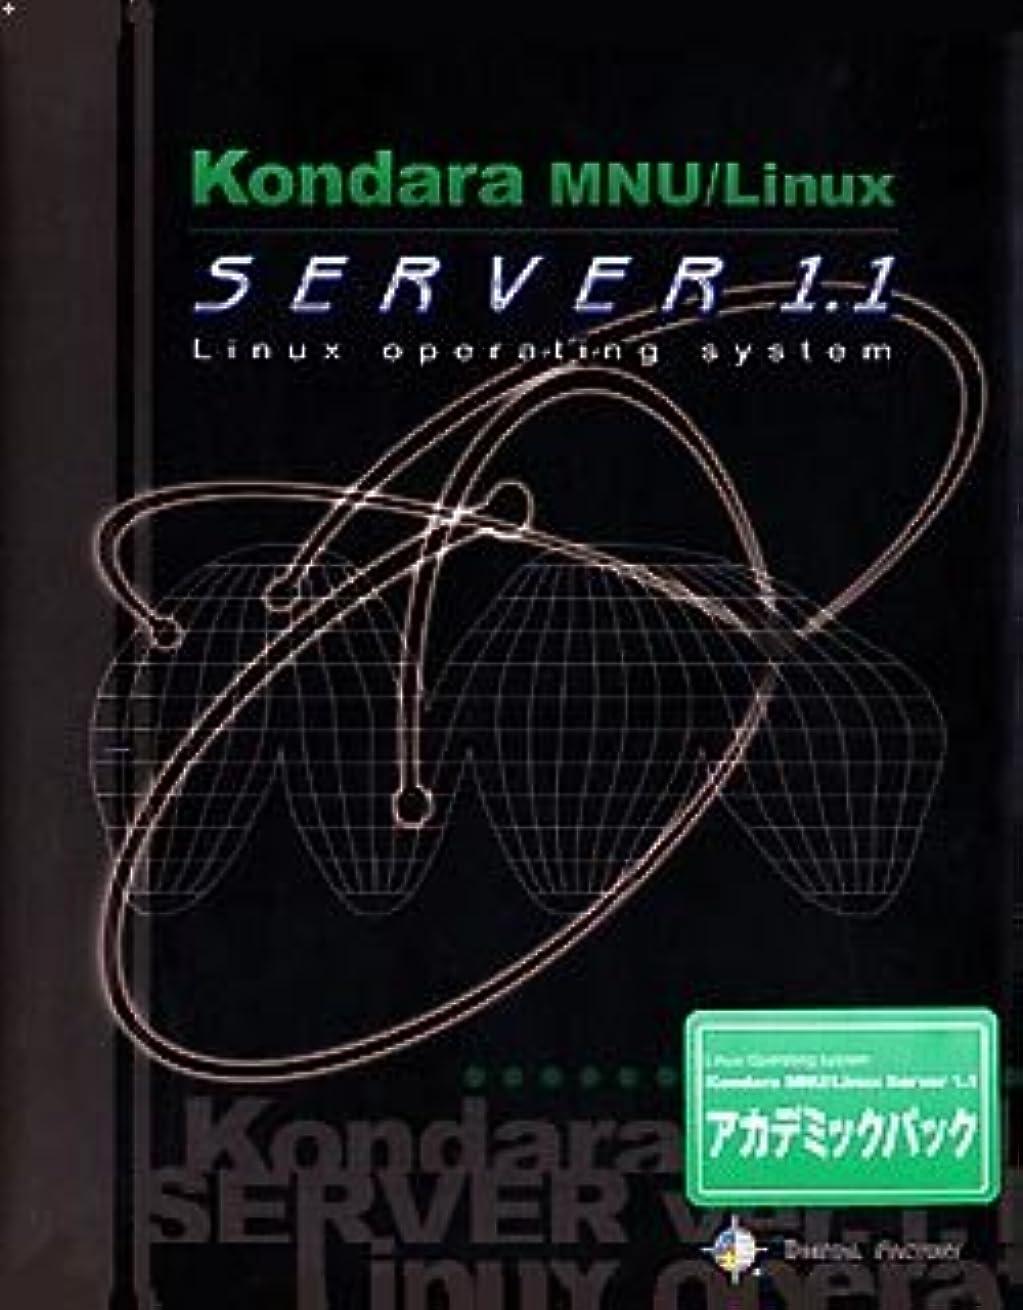 スタジオ干し草縞模様のKondara MNU/Linux Server 1.1 アカデミックパック